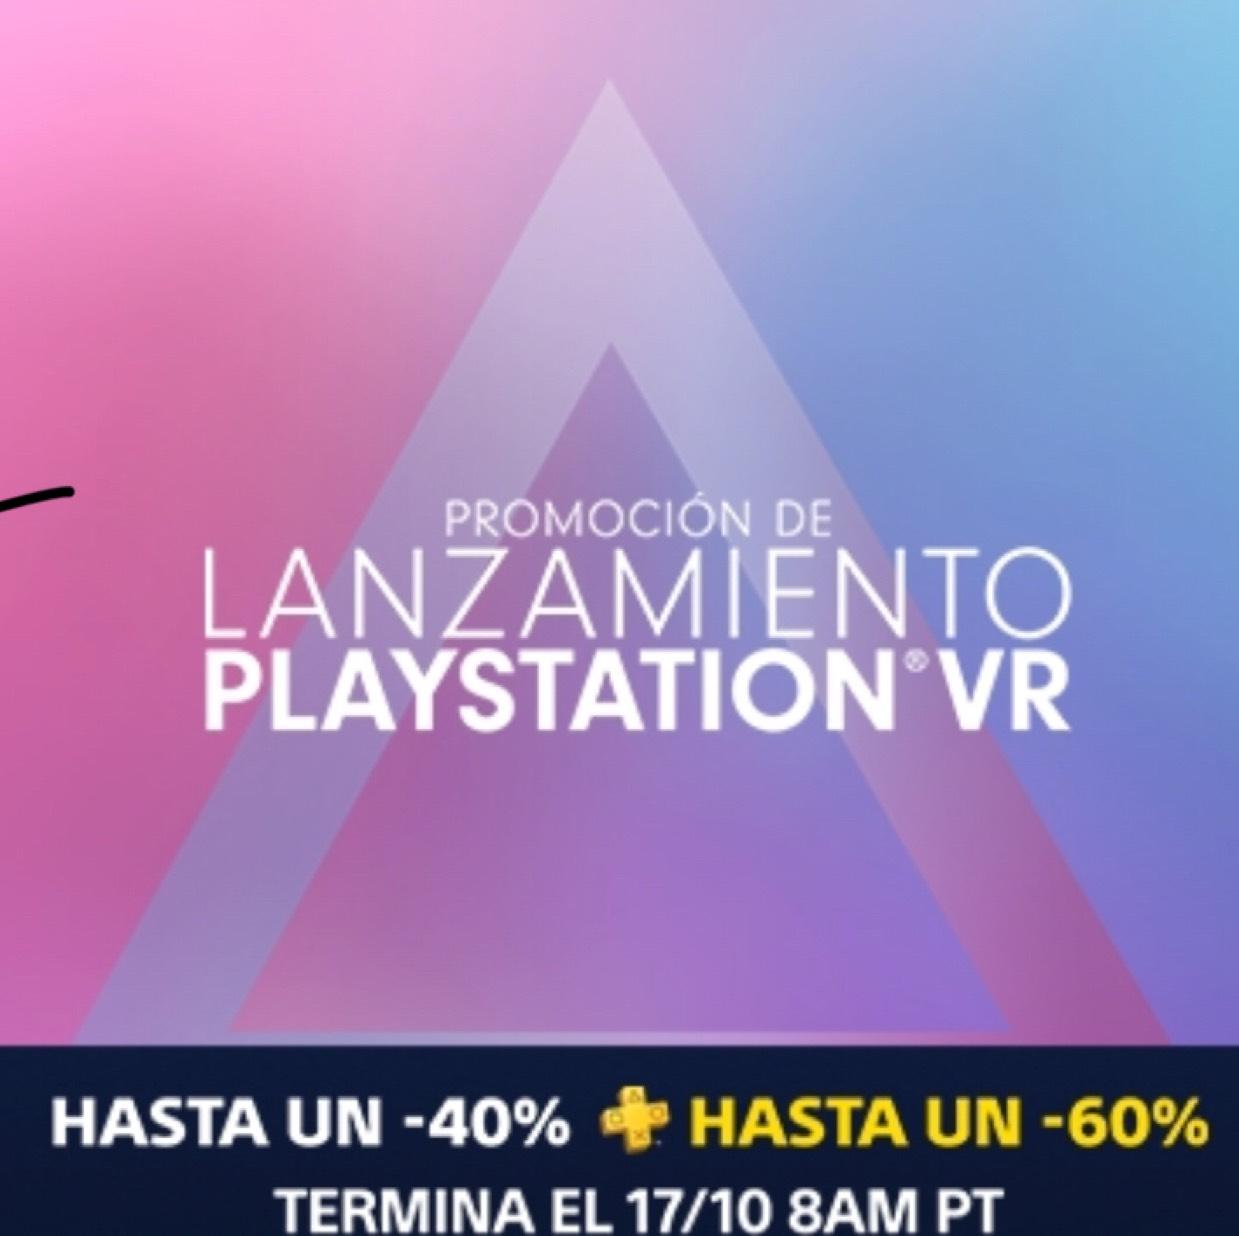 Promoción de Lanzamiento PlayStation VR